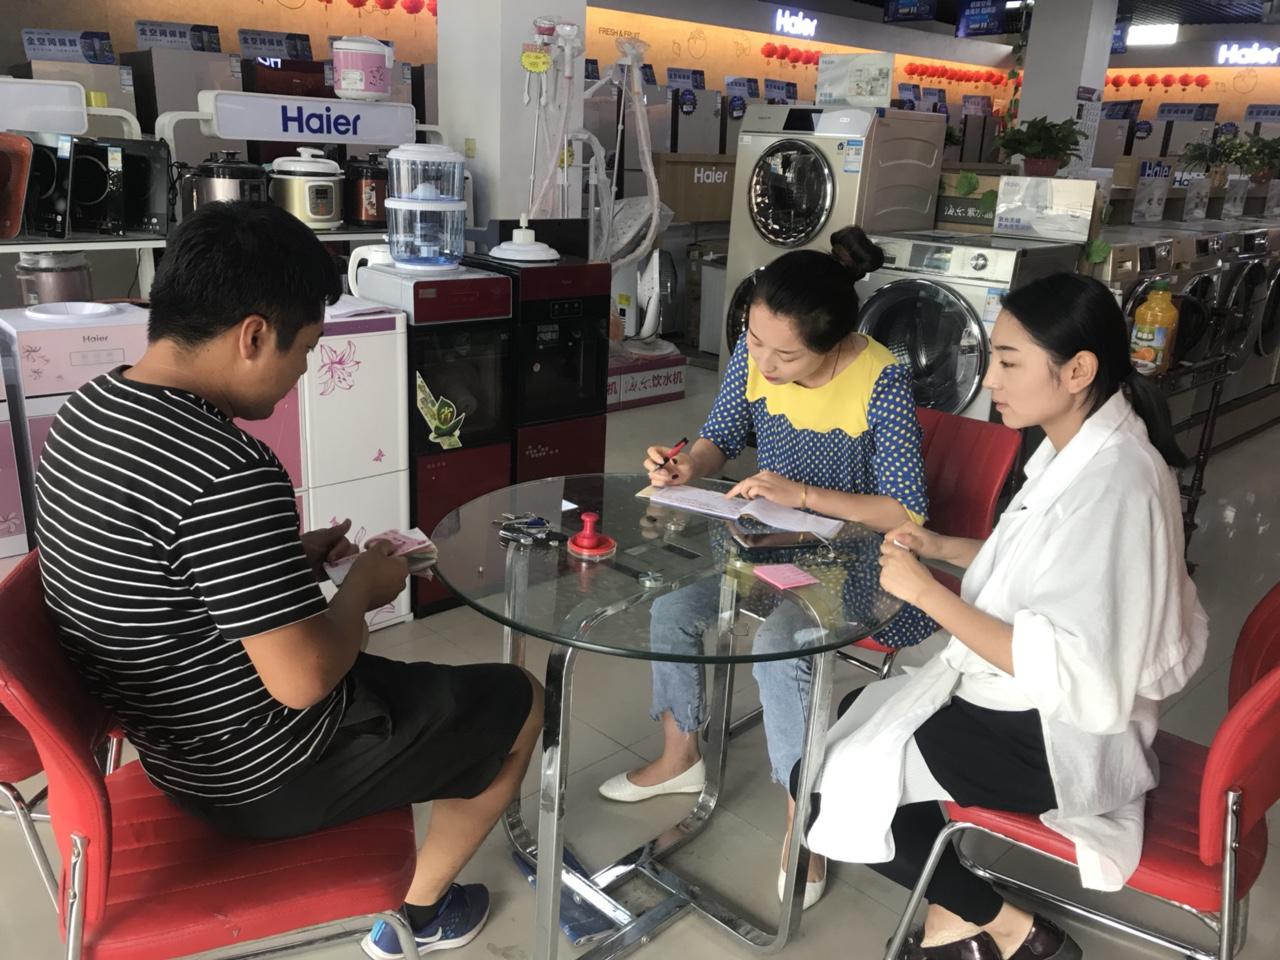 张家川在线和张家川高大上家电企业海尔家电达成战略l宣传合作